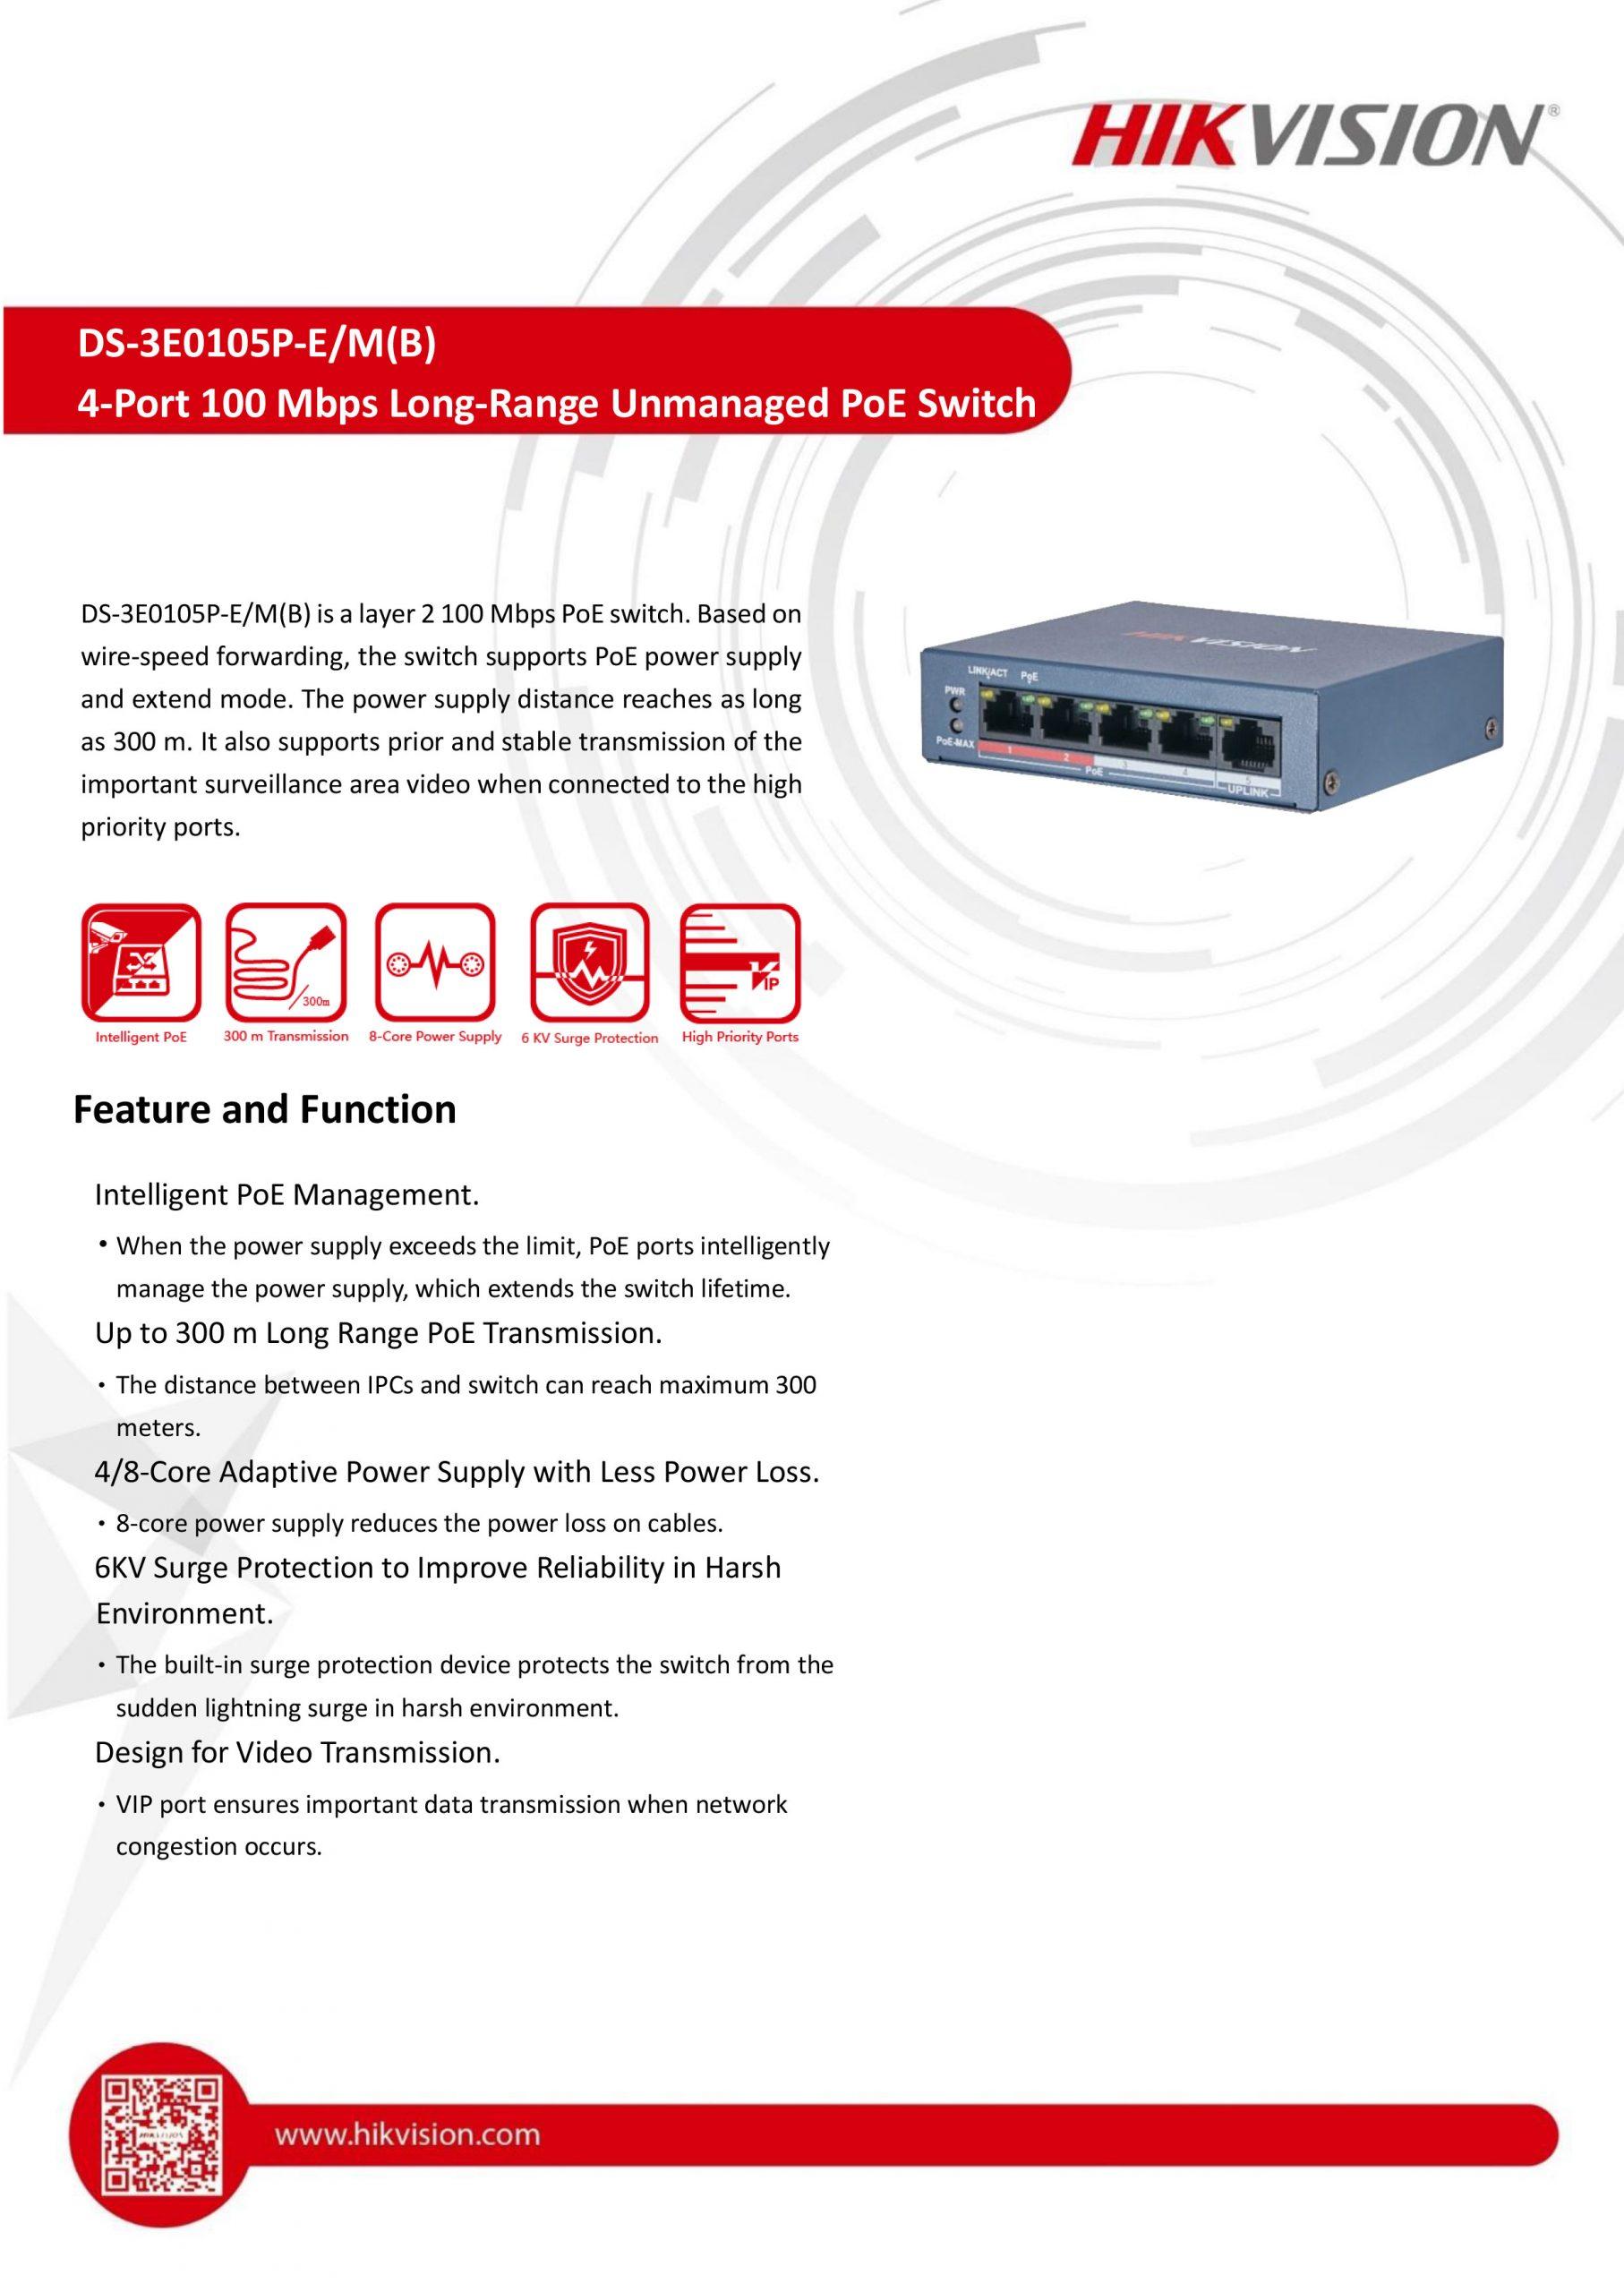 4-Port Long-Range Unmanaged PoE Switch (DS-3E0105P-E/M(B)